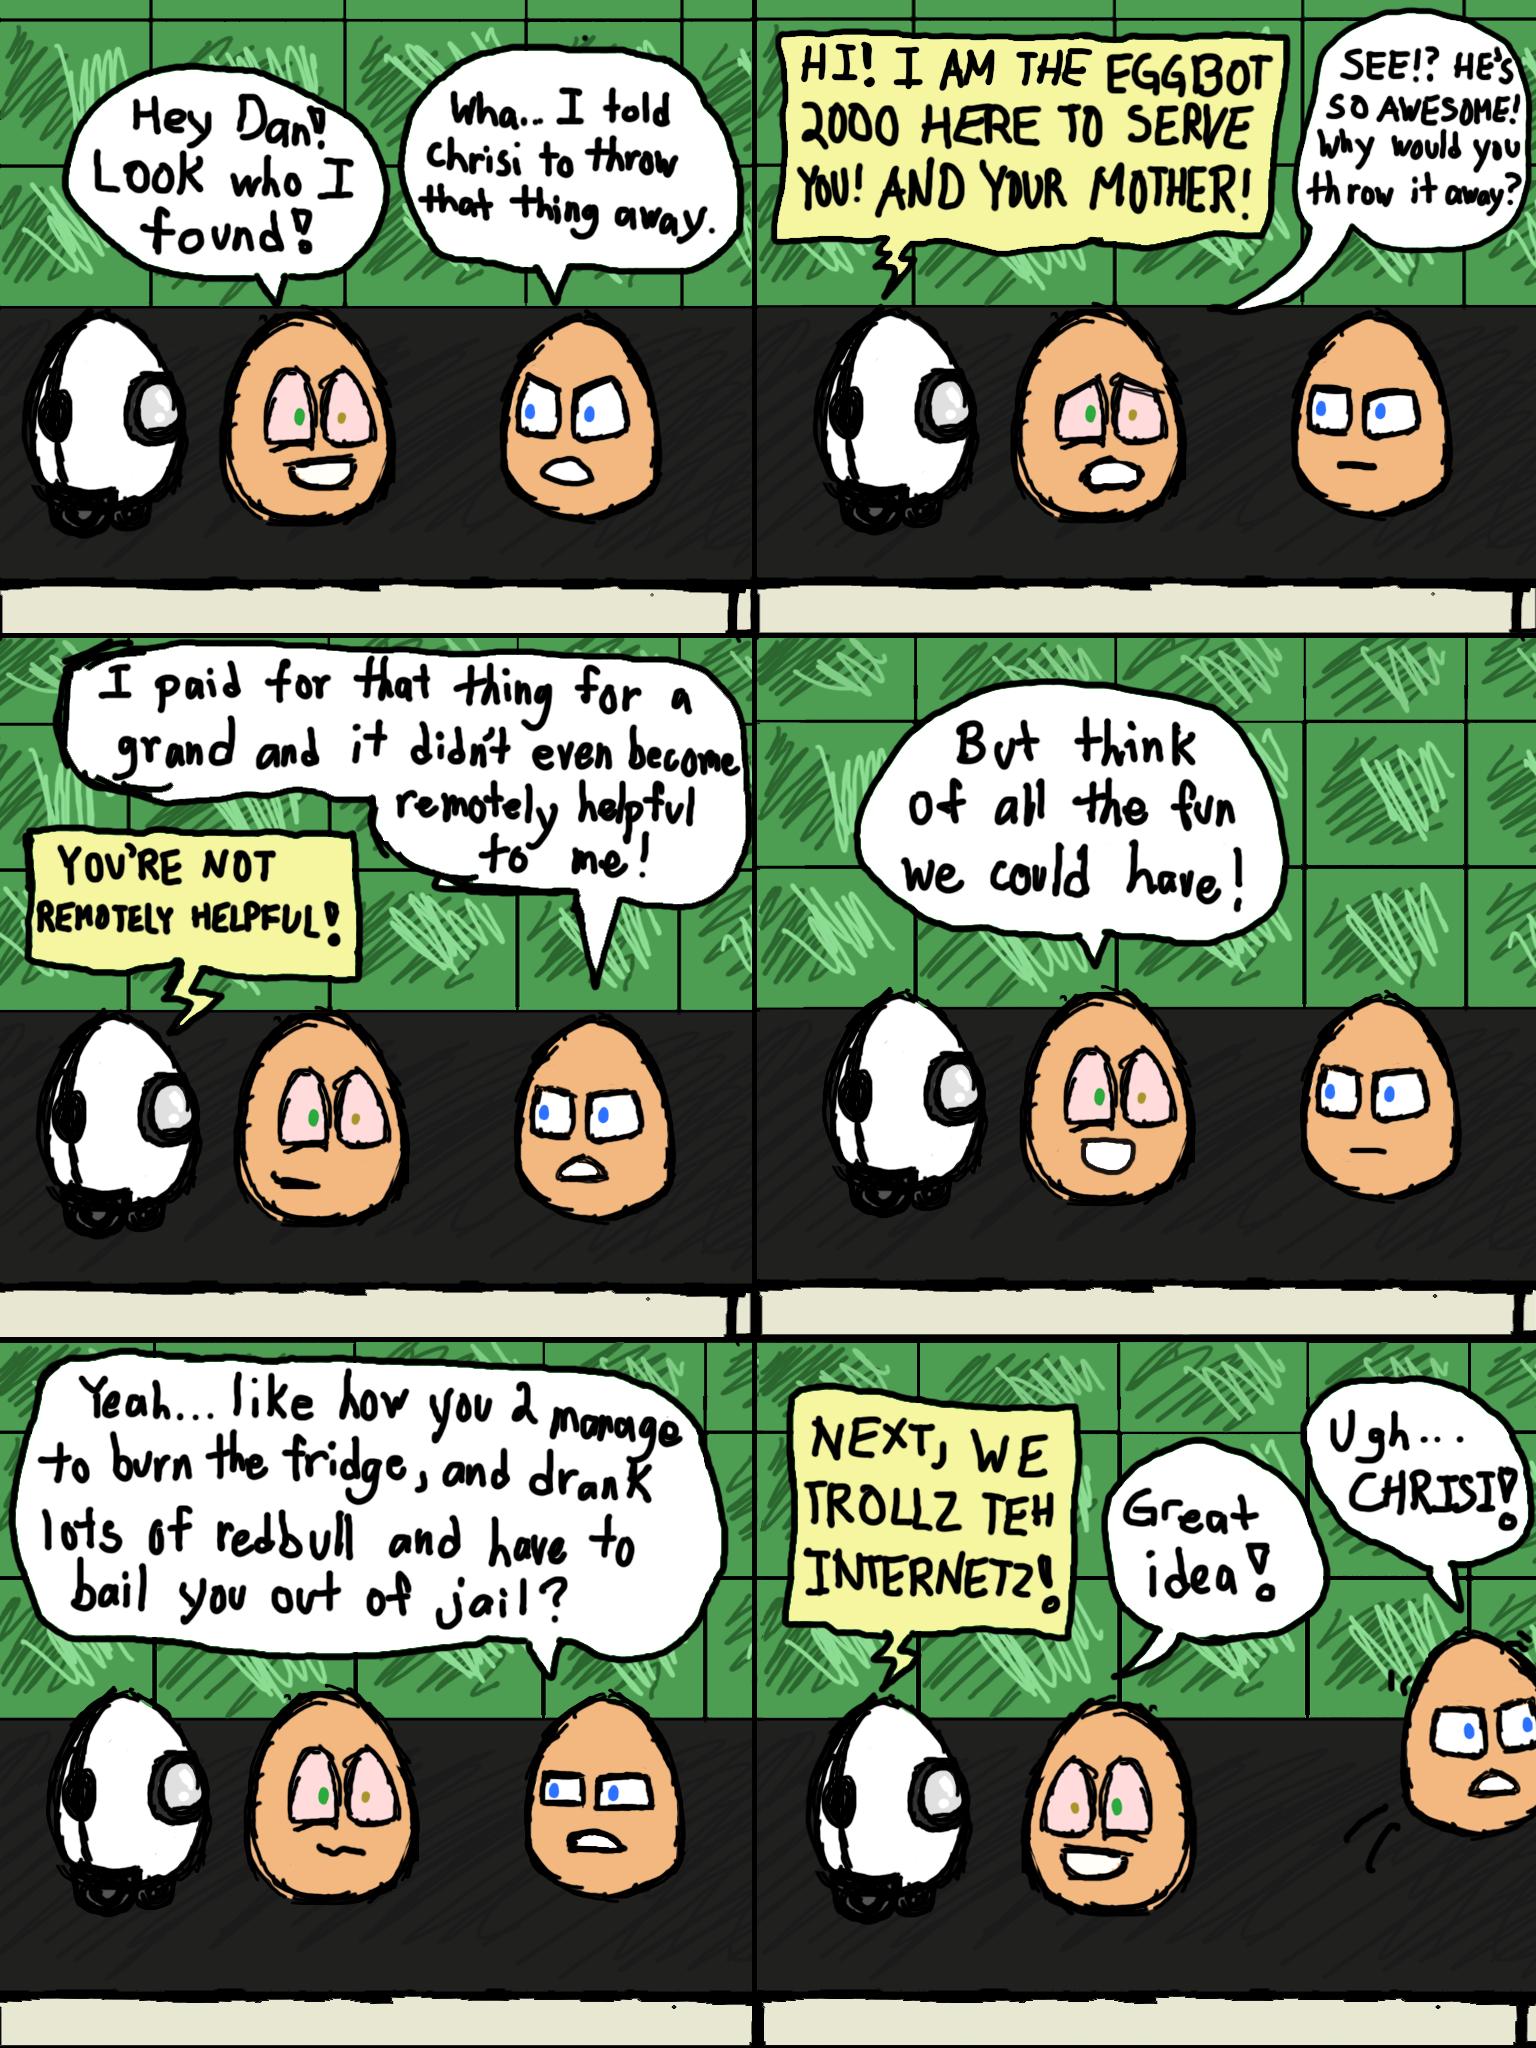 Return of Eggbot